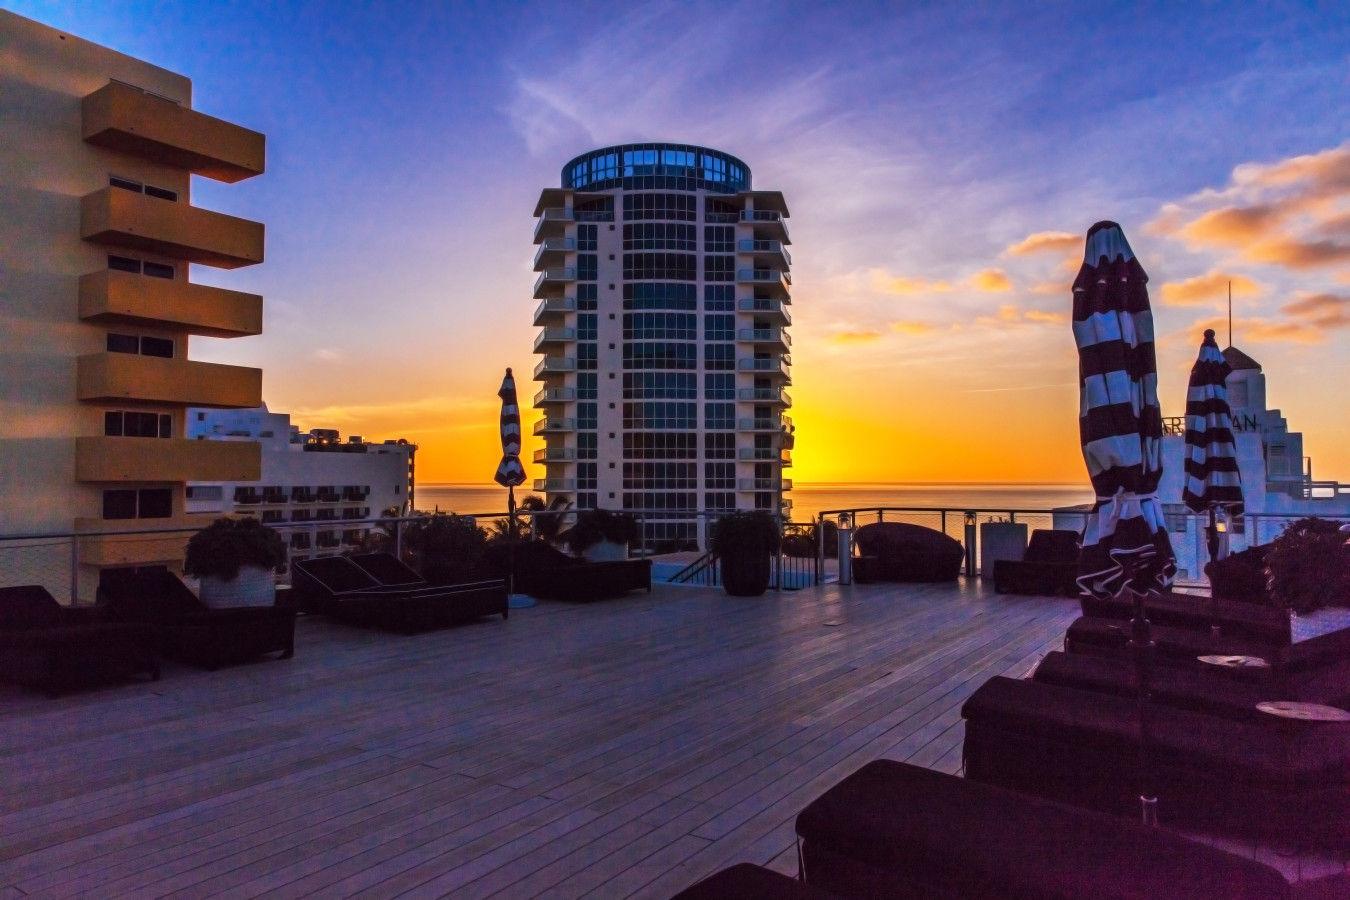 Pont sur le toit au coucher du soleil